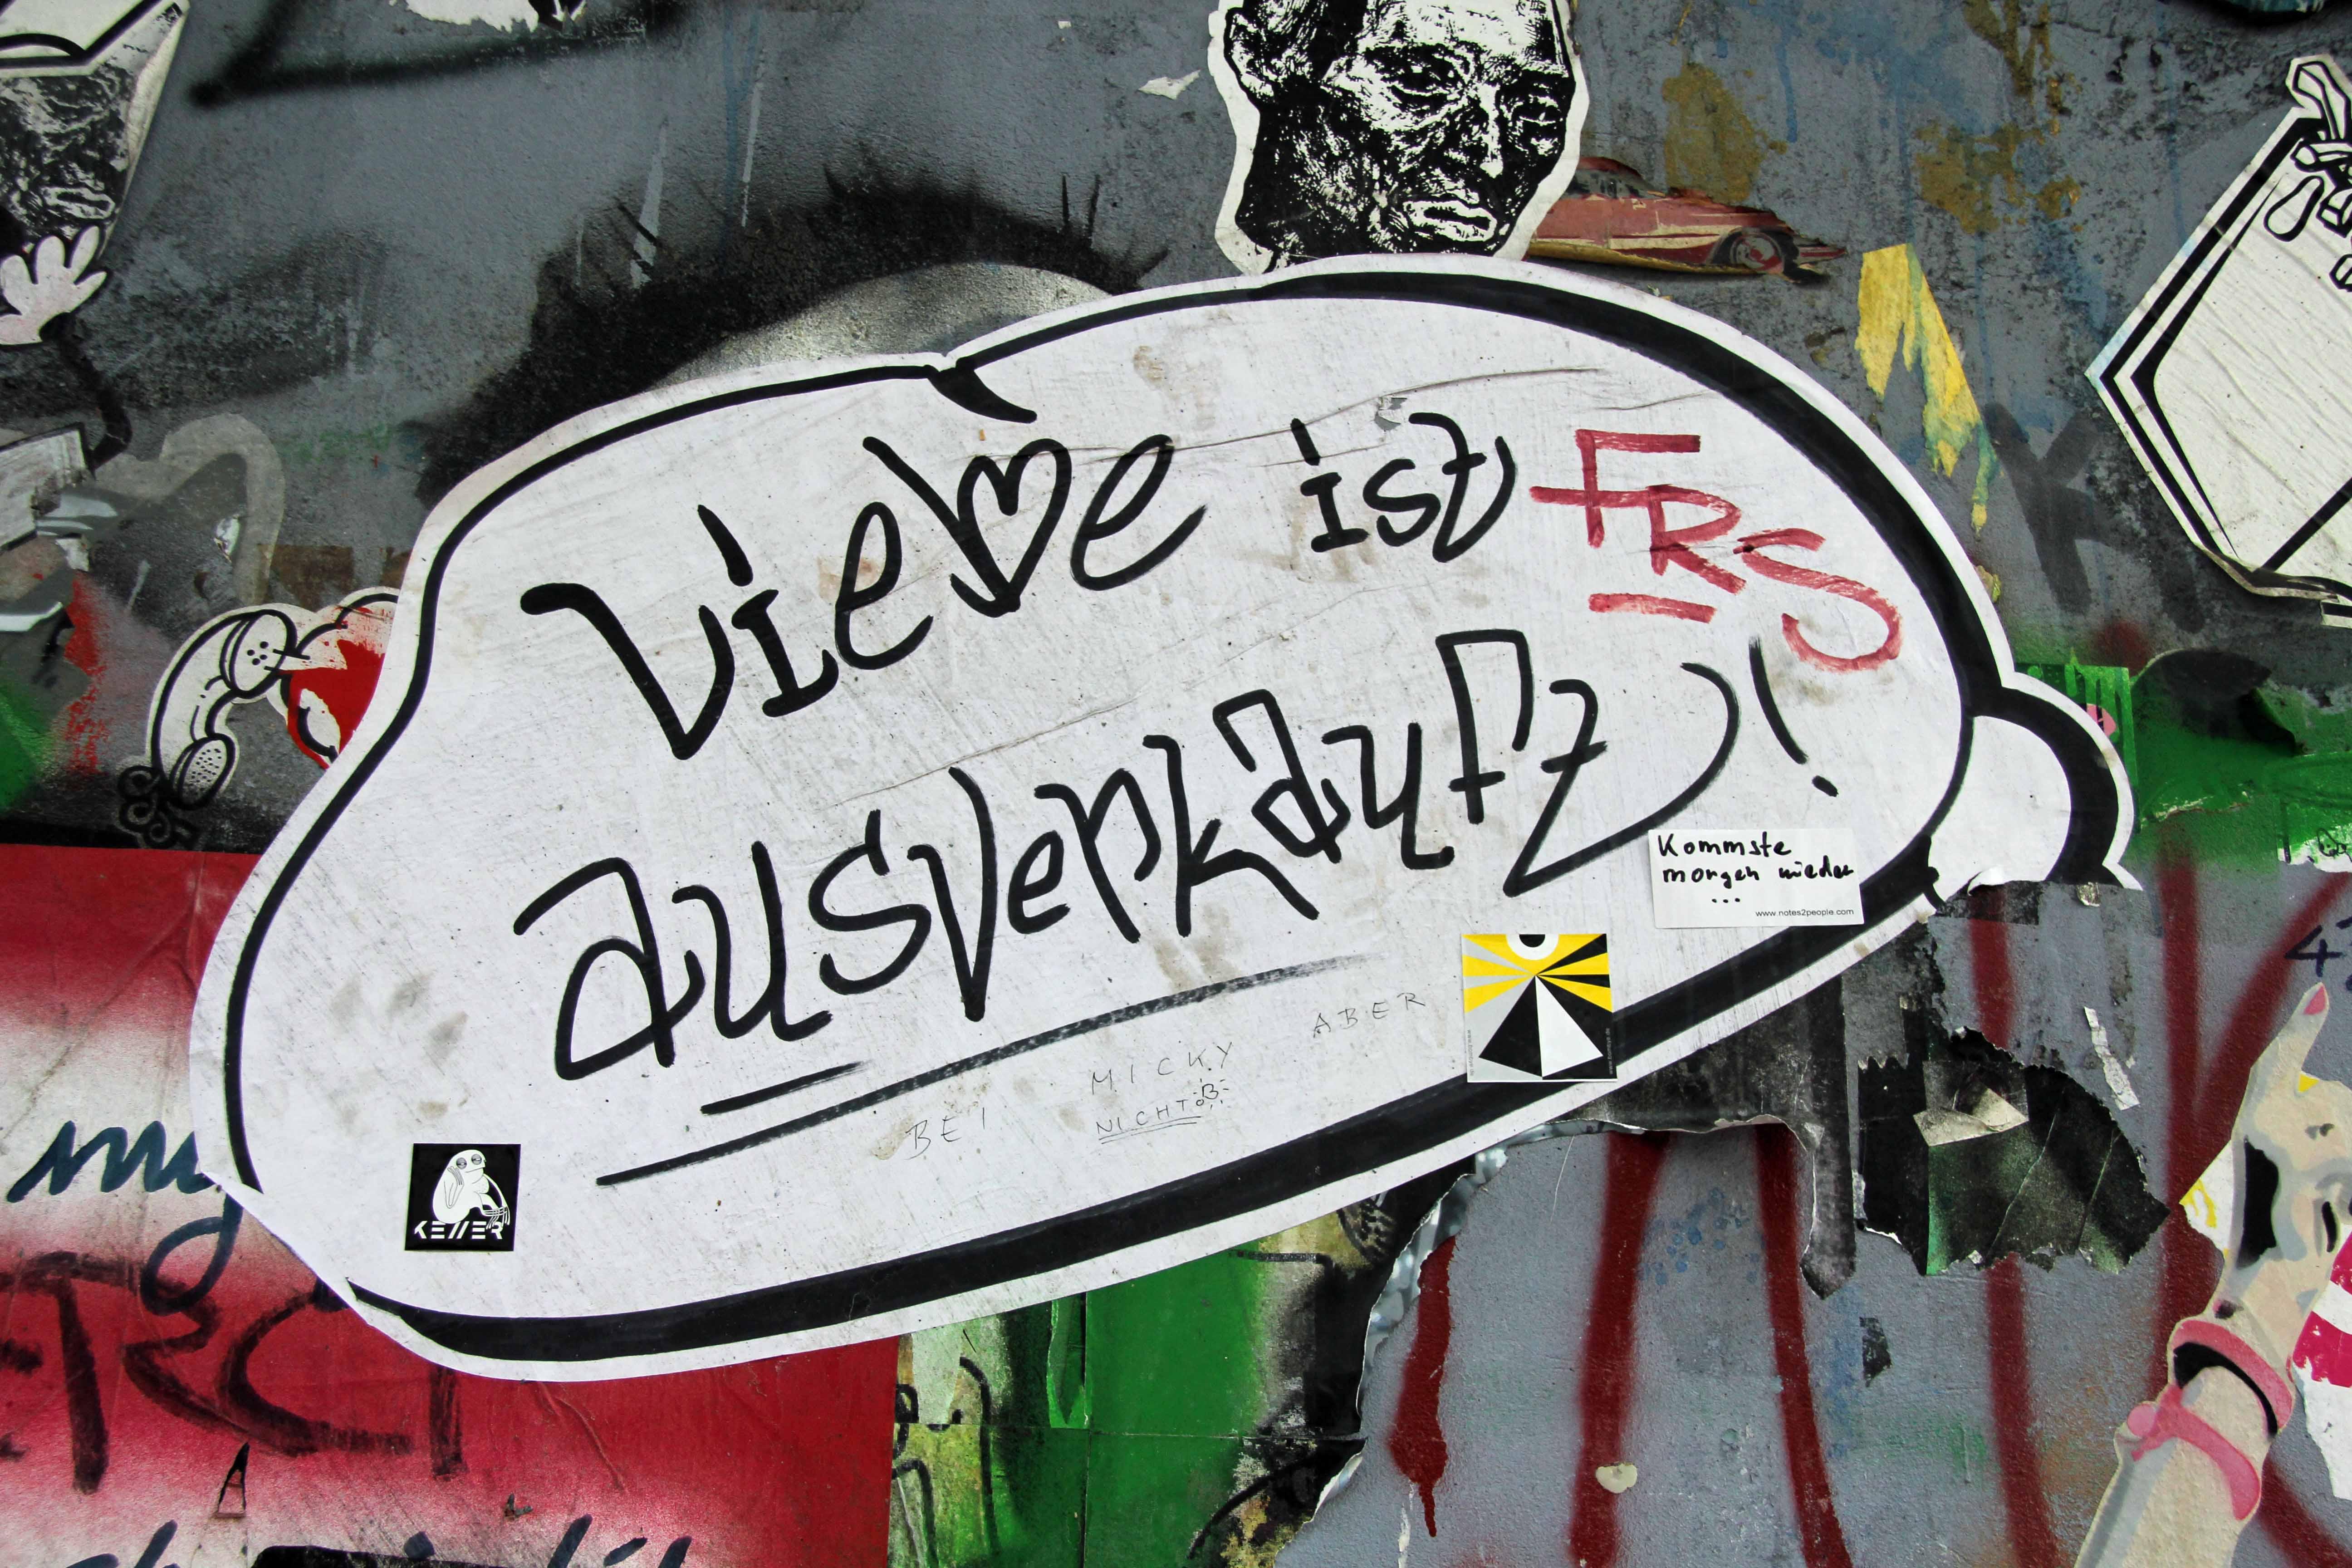 Liebe ist ausverkauft! (Love is Sold Out): Street Art by Unknown Artist in Berlin